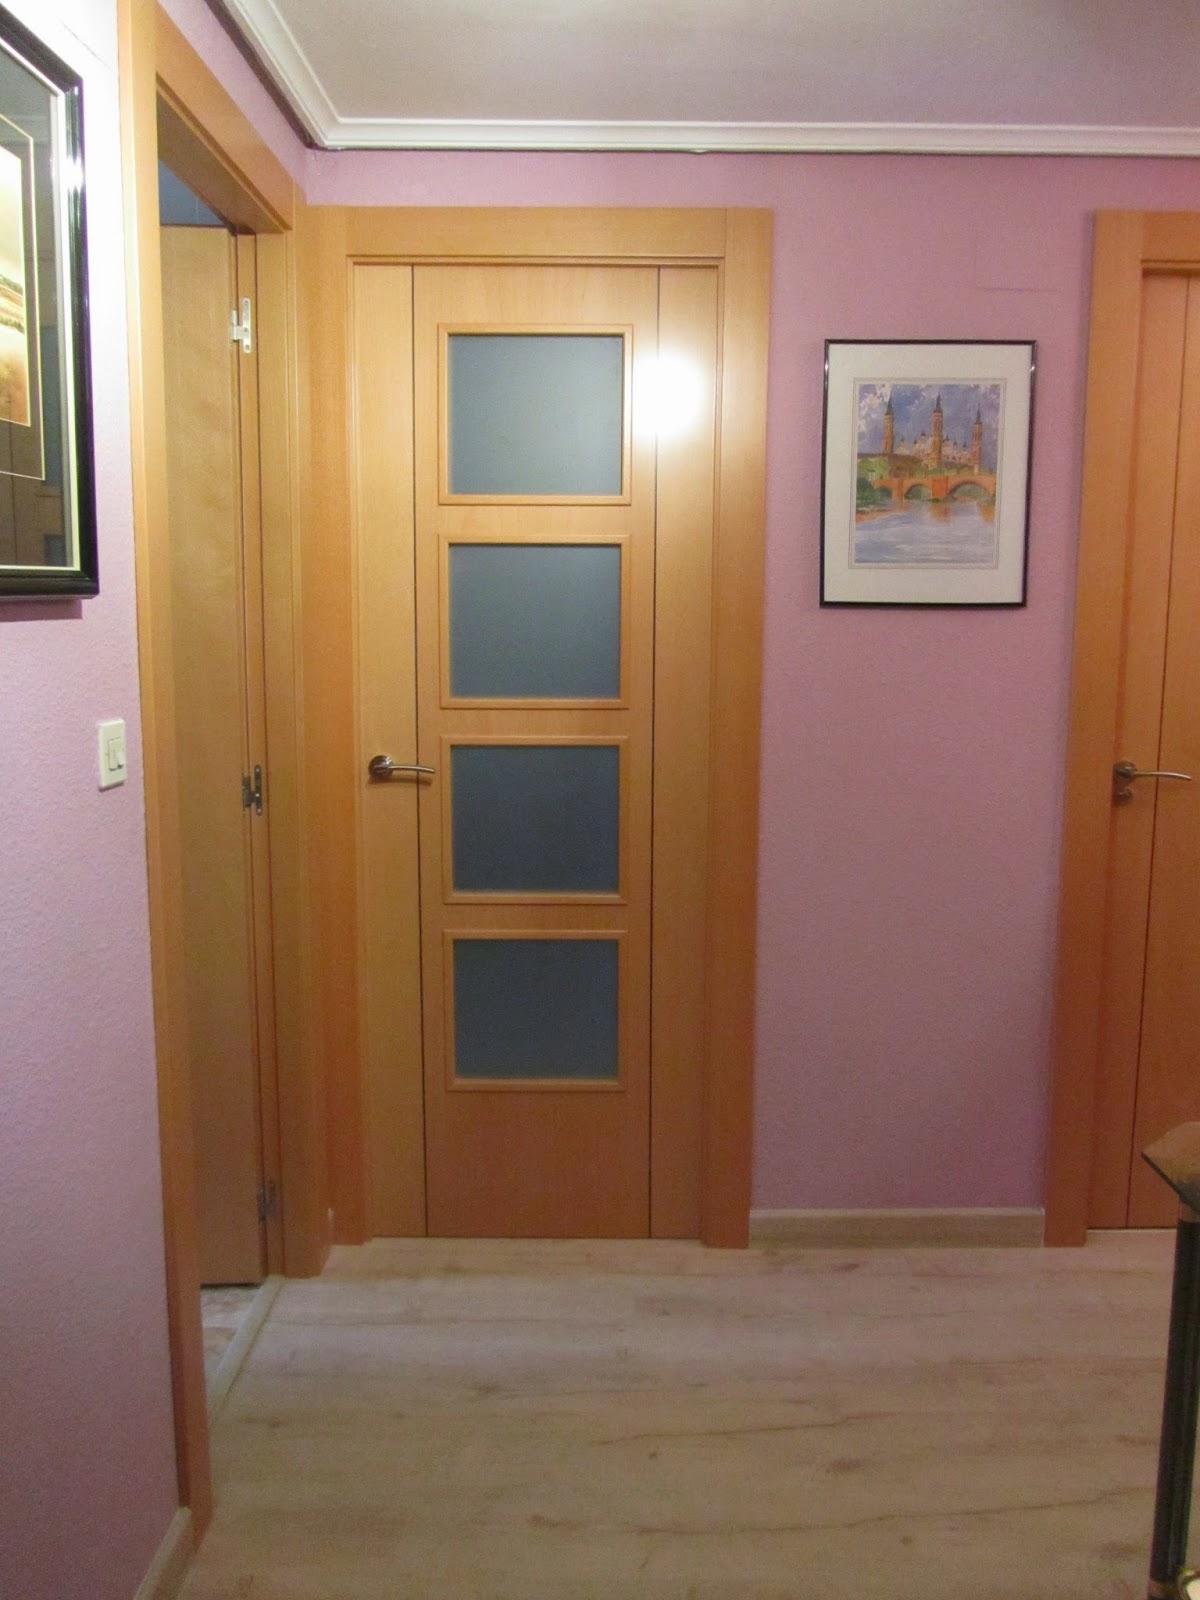 Montaje de puertas de interior excellent puerta interior for Precio montaje puertas interior